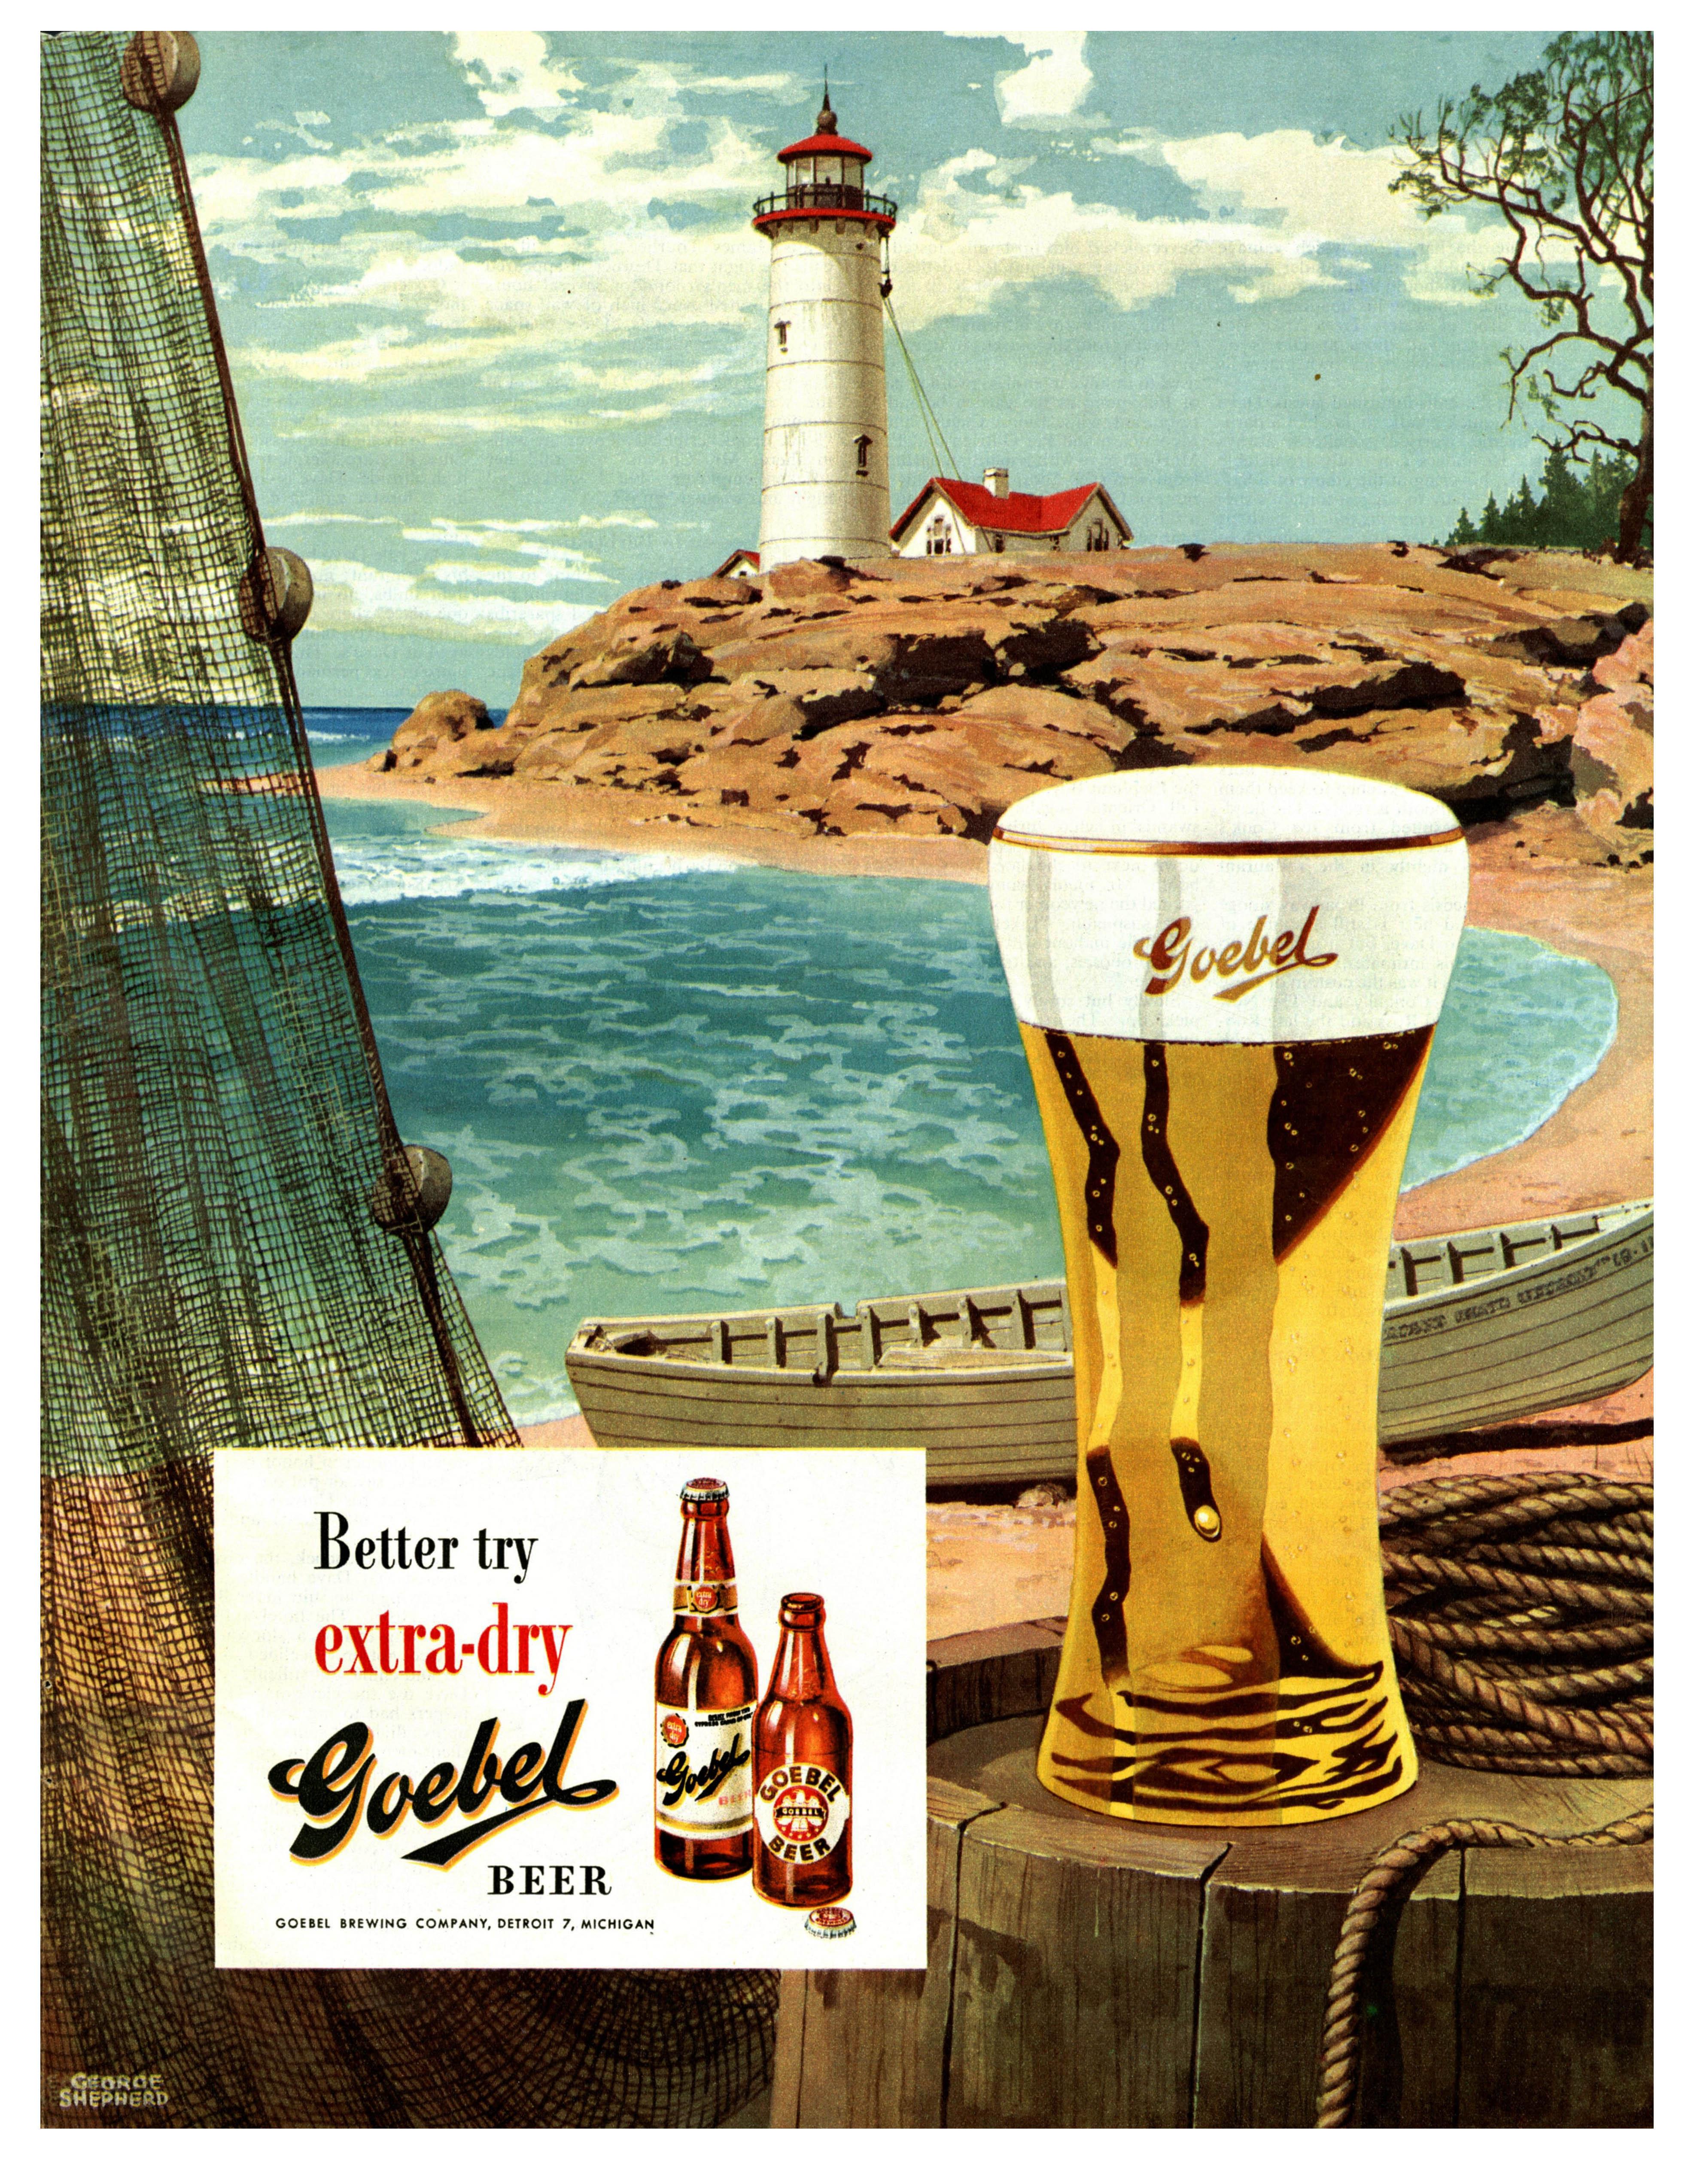 Goebel Beer - 1949